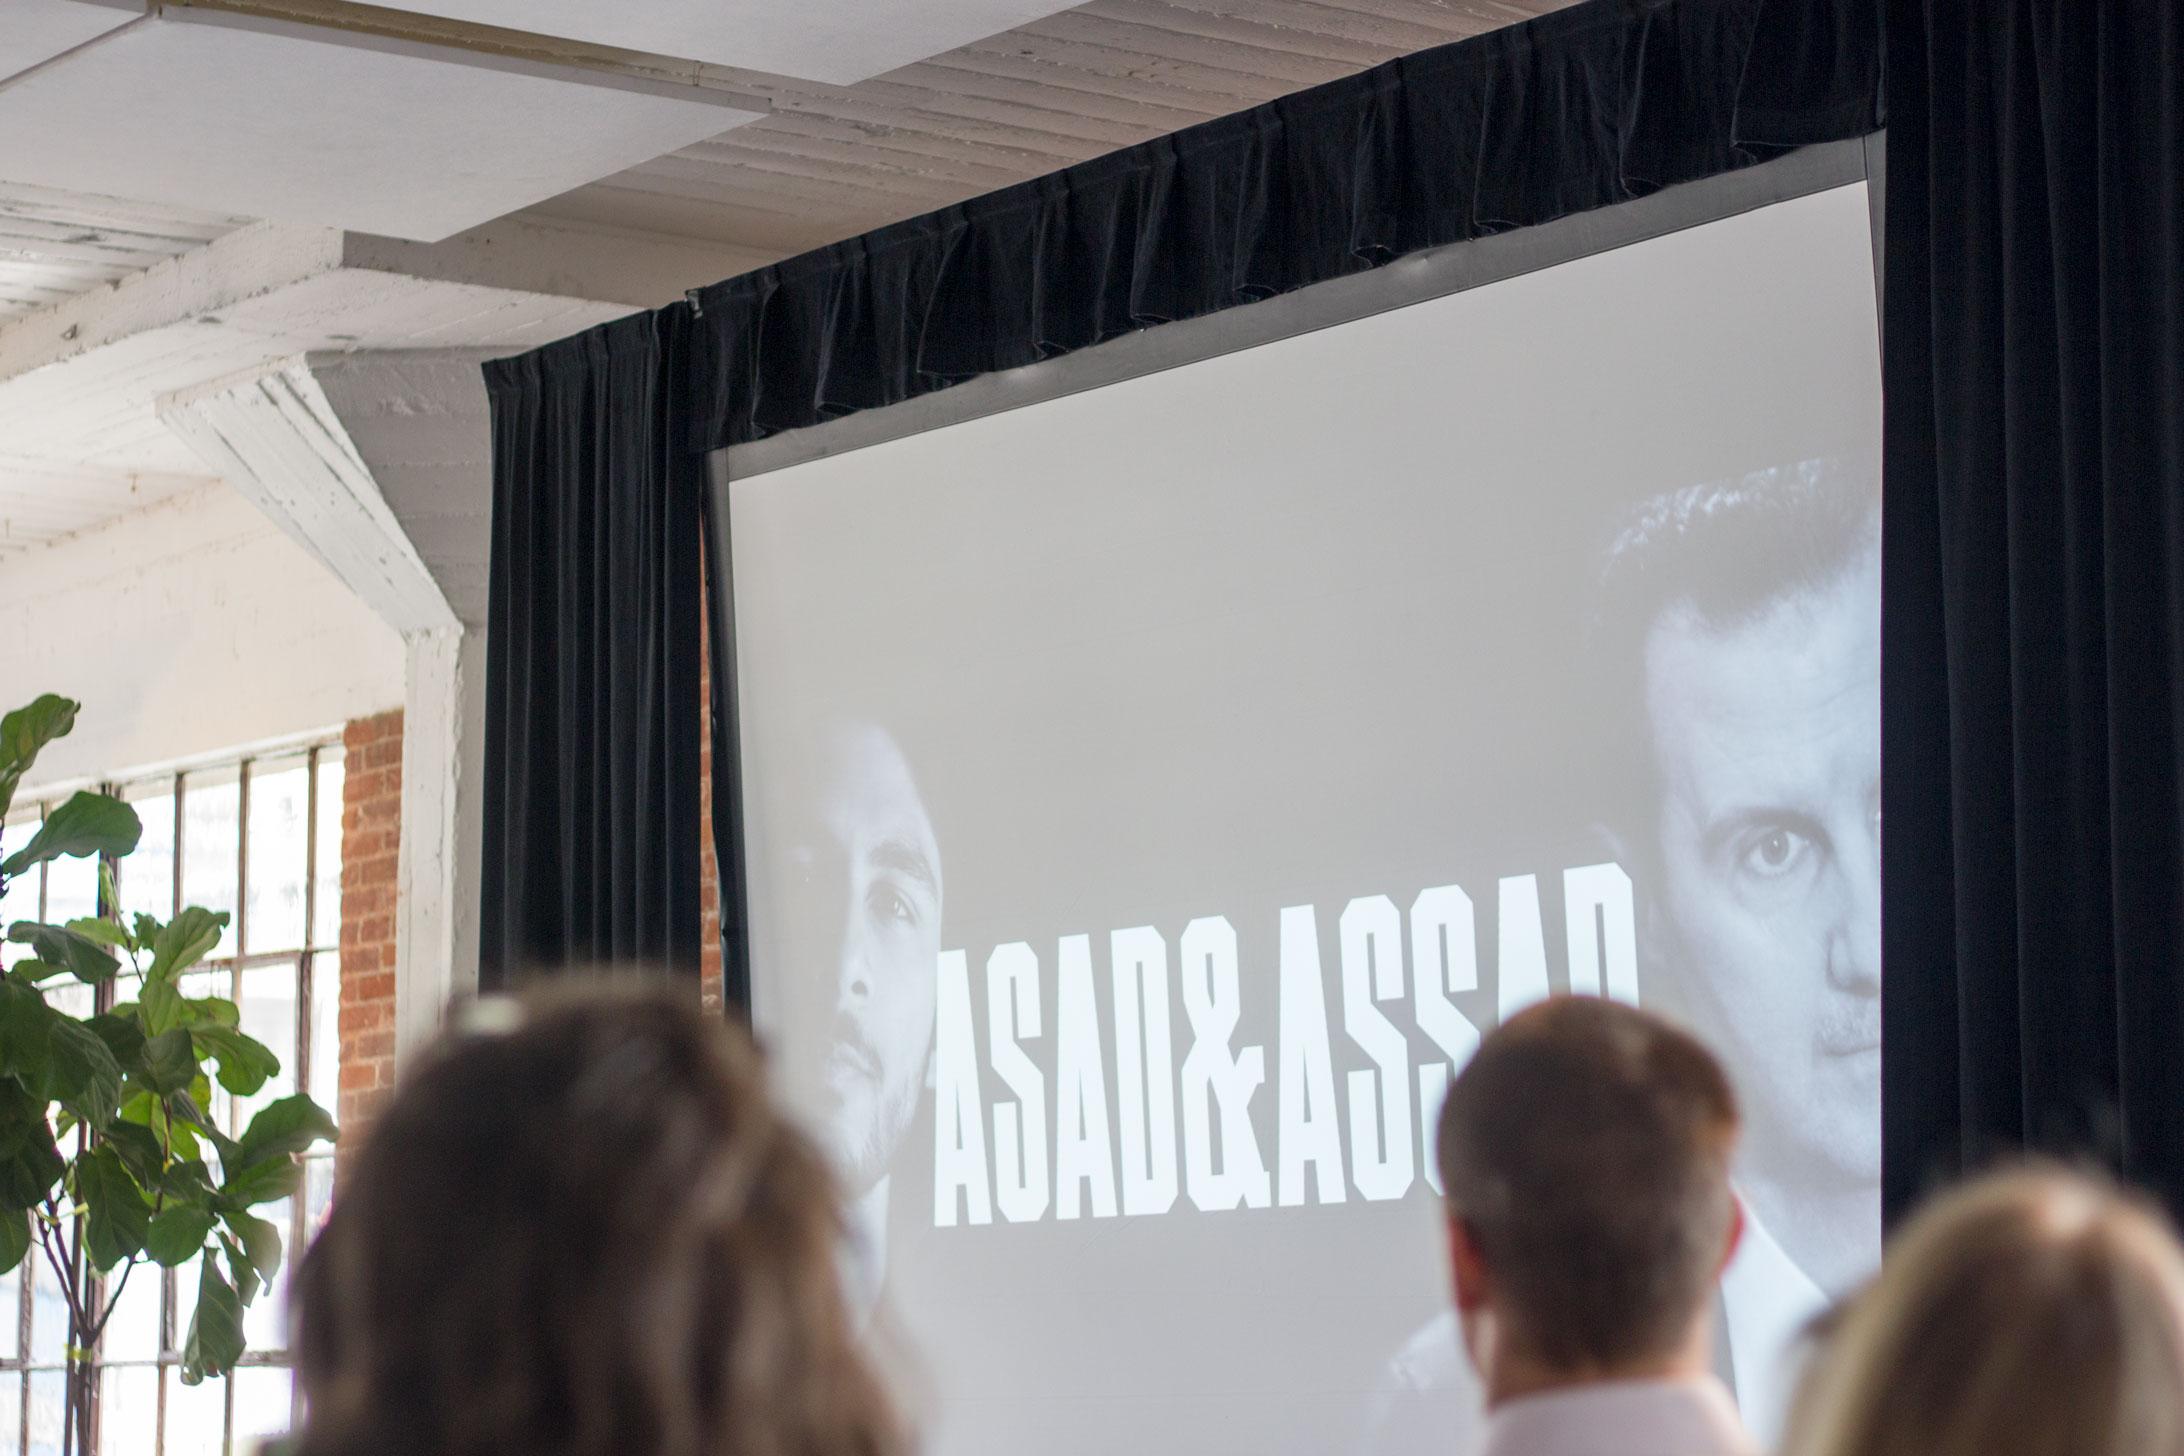 First_Asad&Assad4